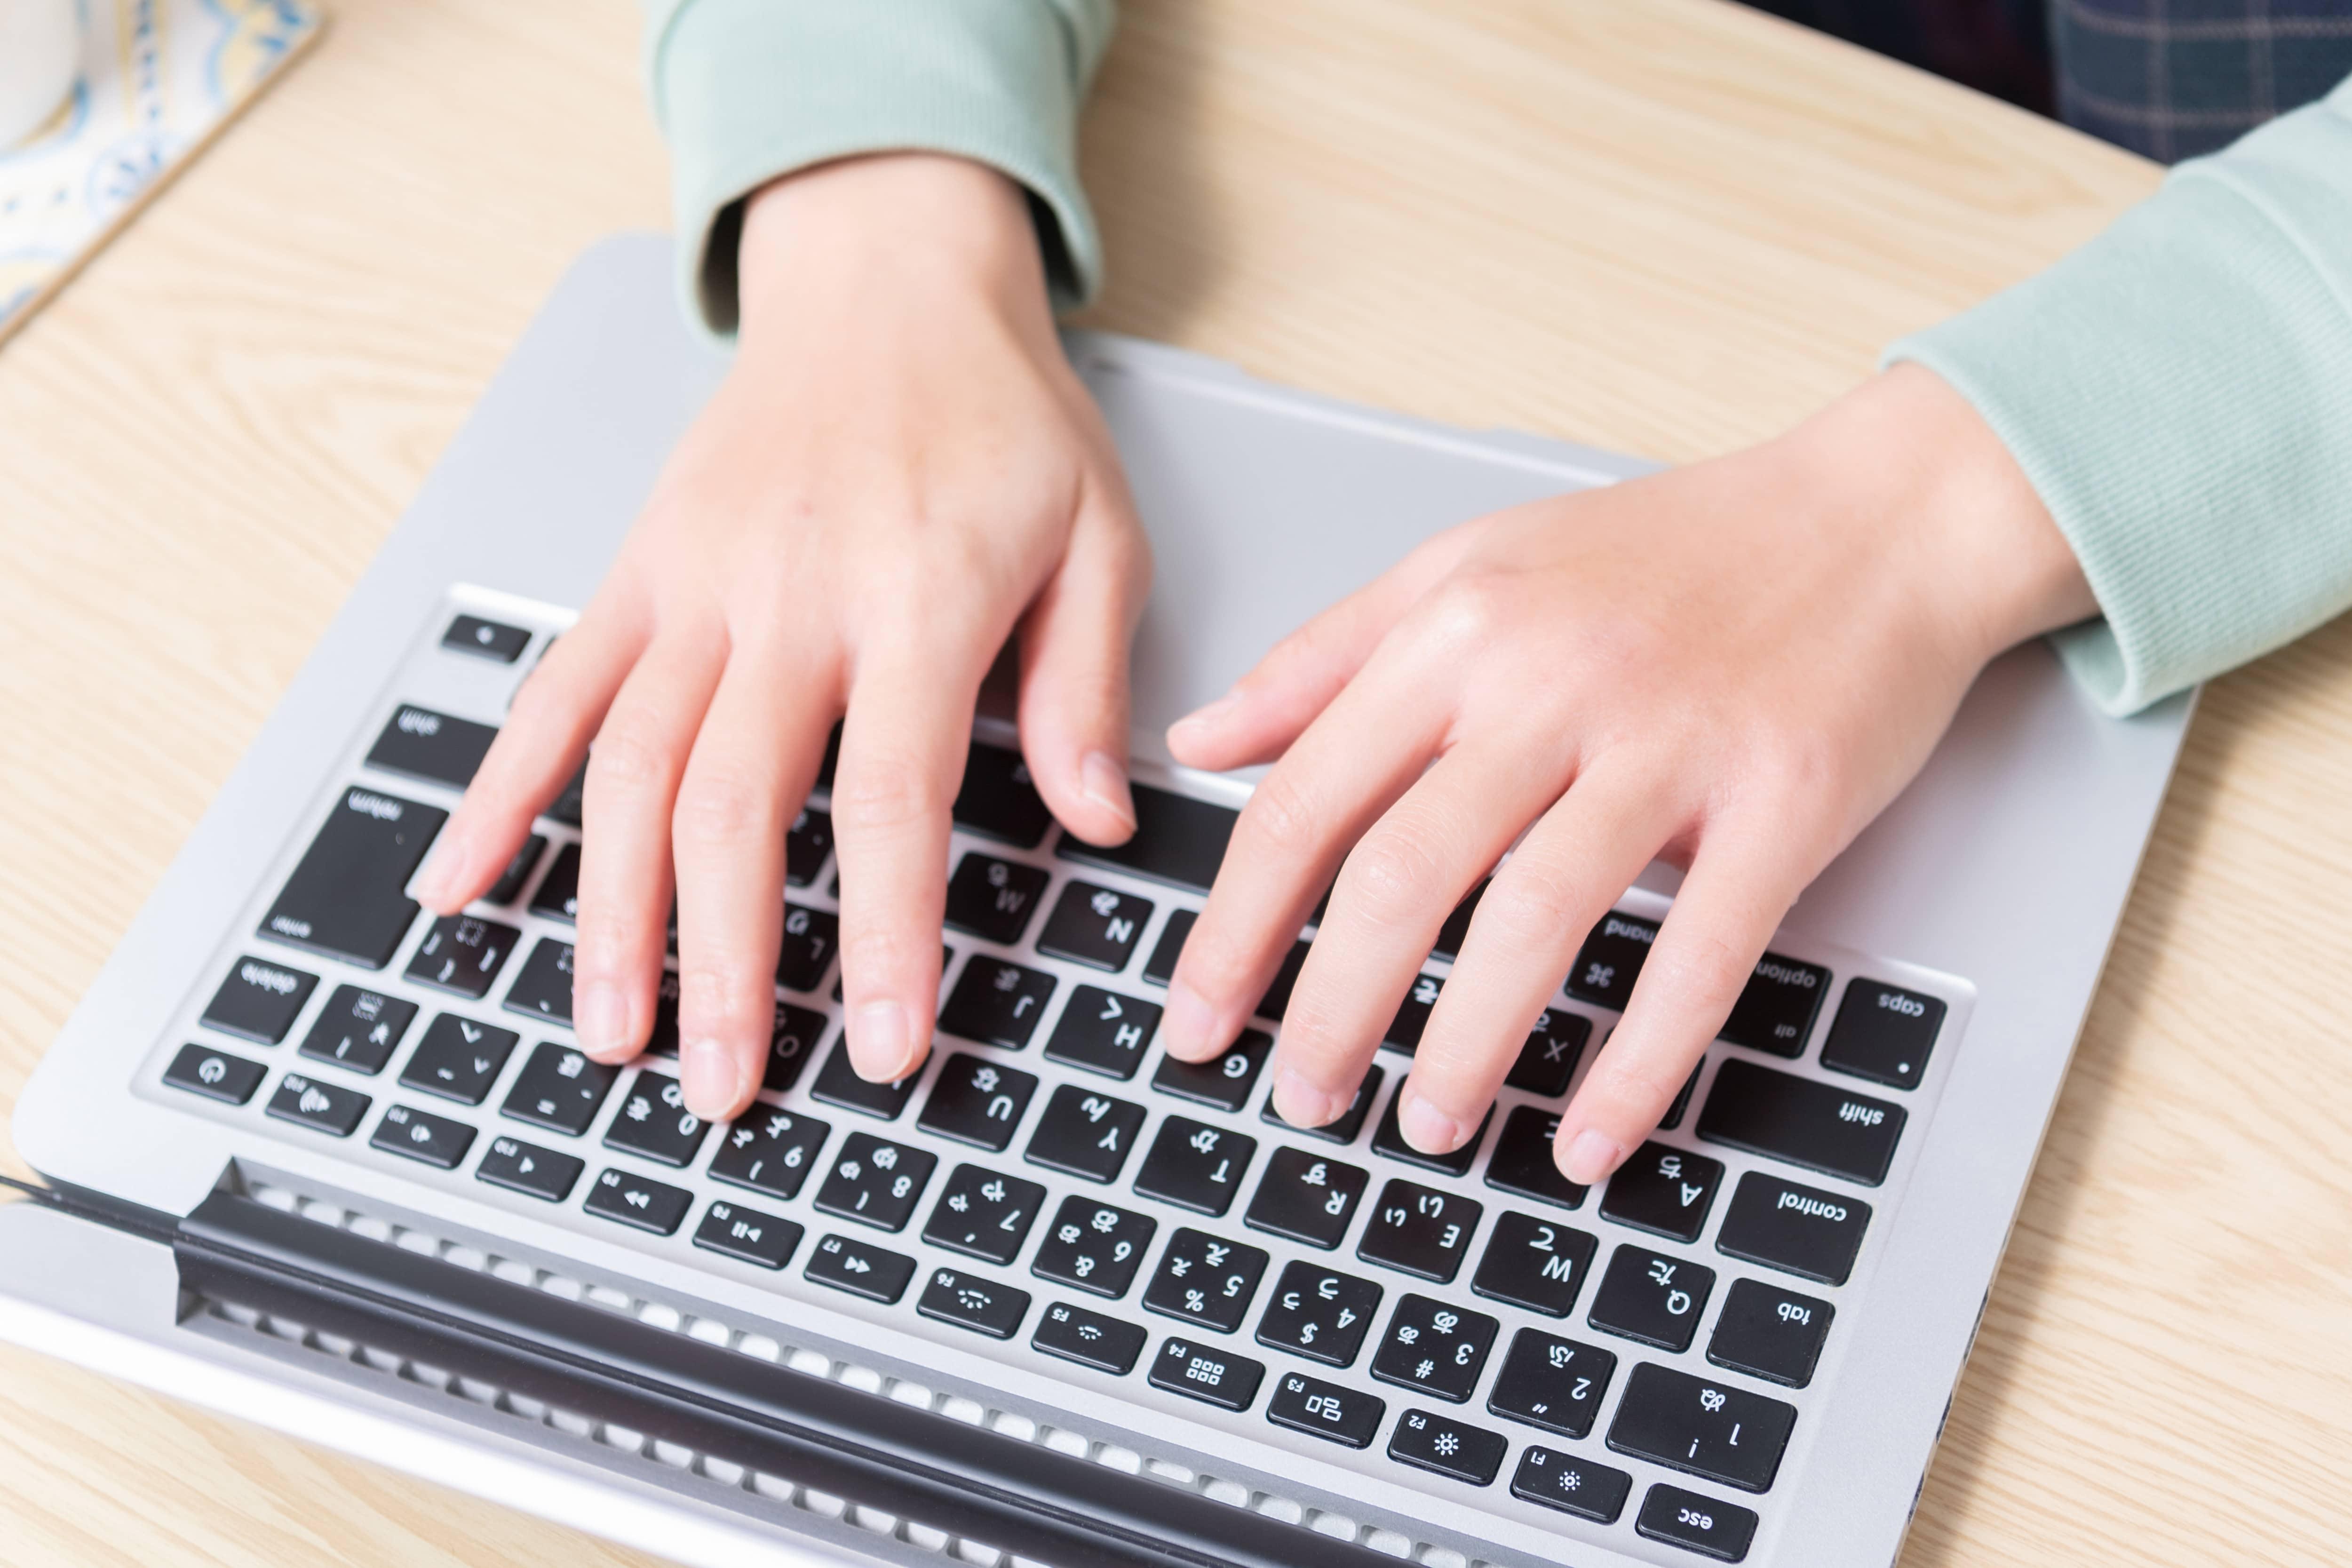 ノートパソコンを打つ女性